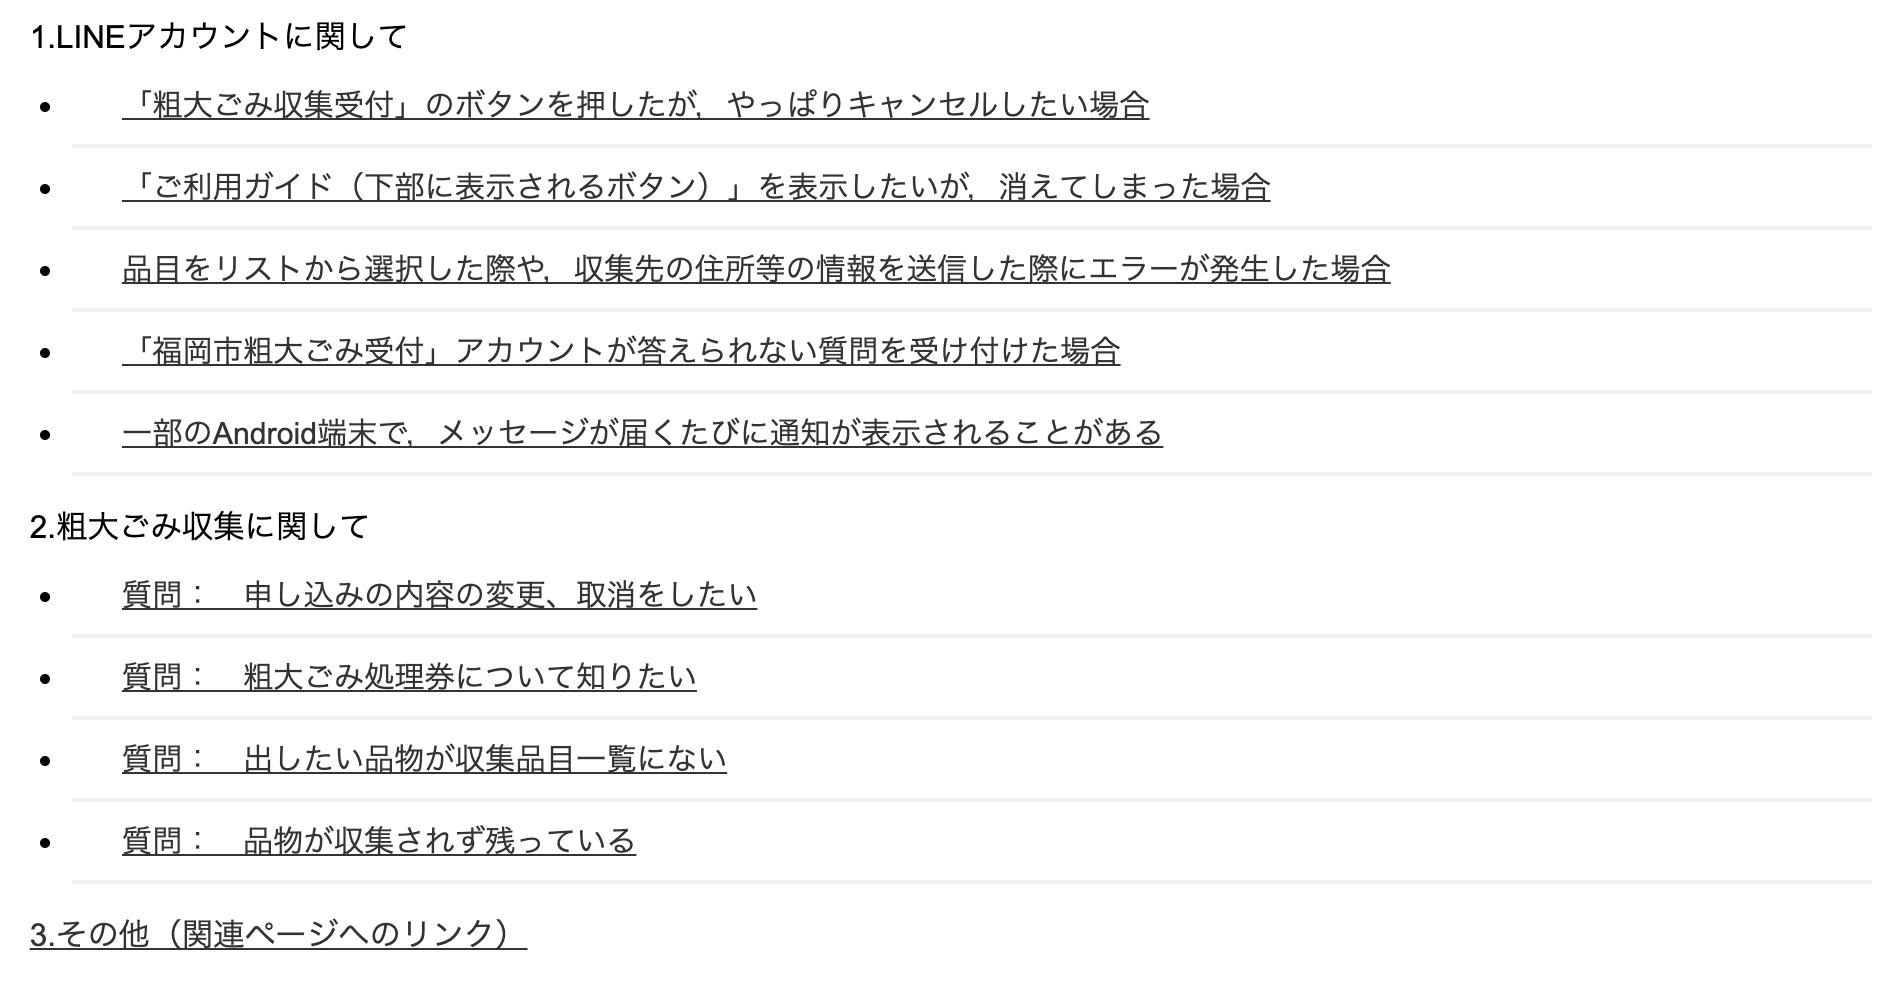 ミニアプリ活用福岡市1